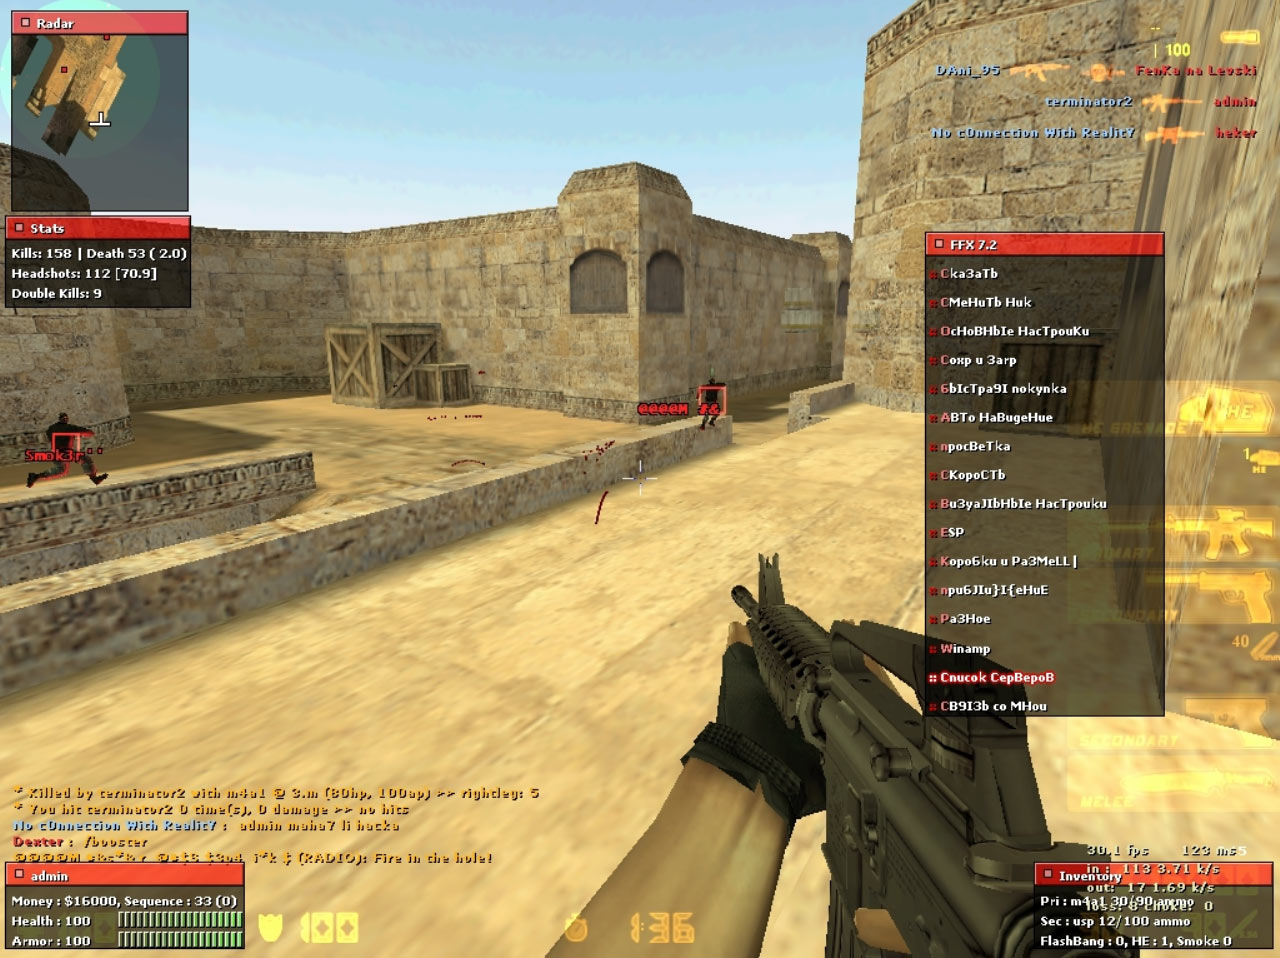 Download Fighter FX 72 Hack For CS 16